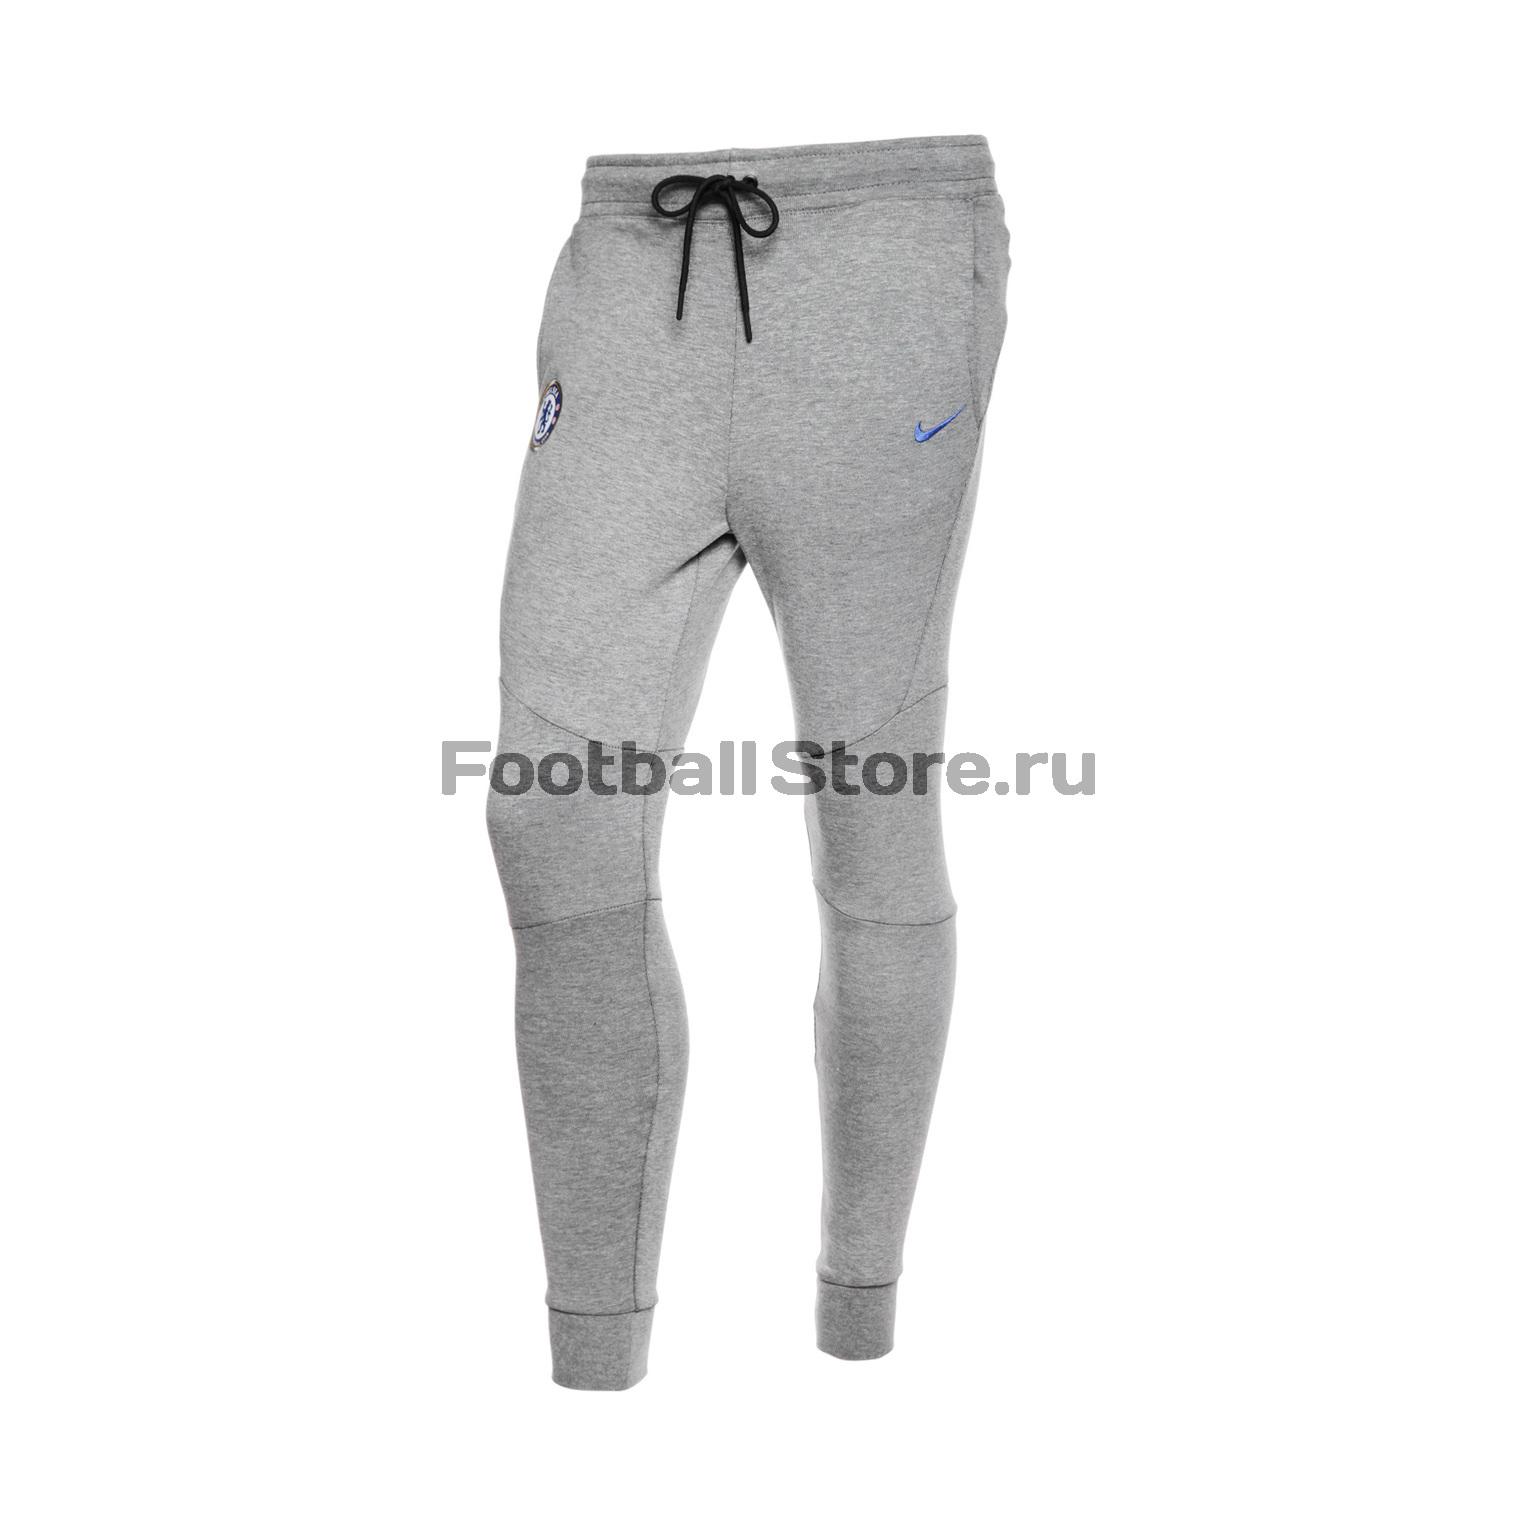 Брюки Nike Chelsea Fleece Joggers AA1933-095